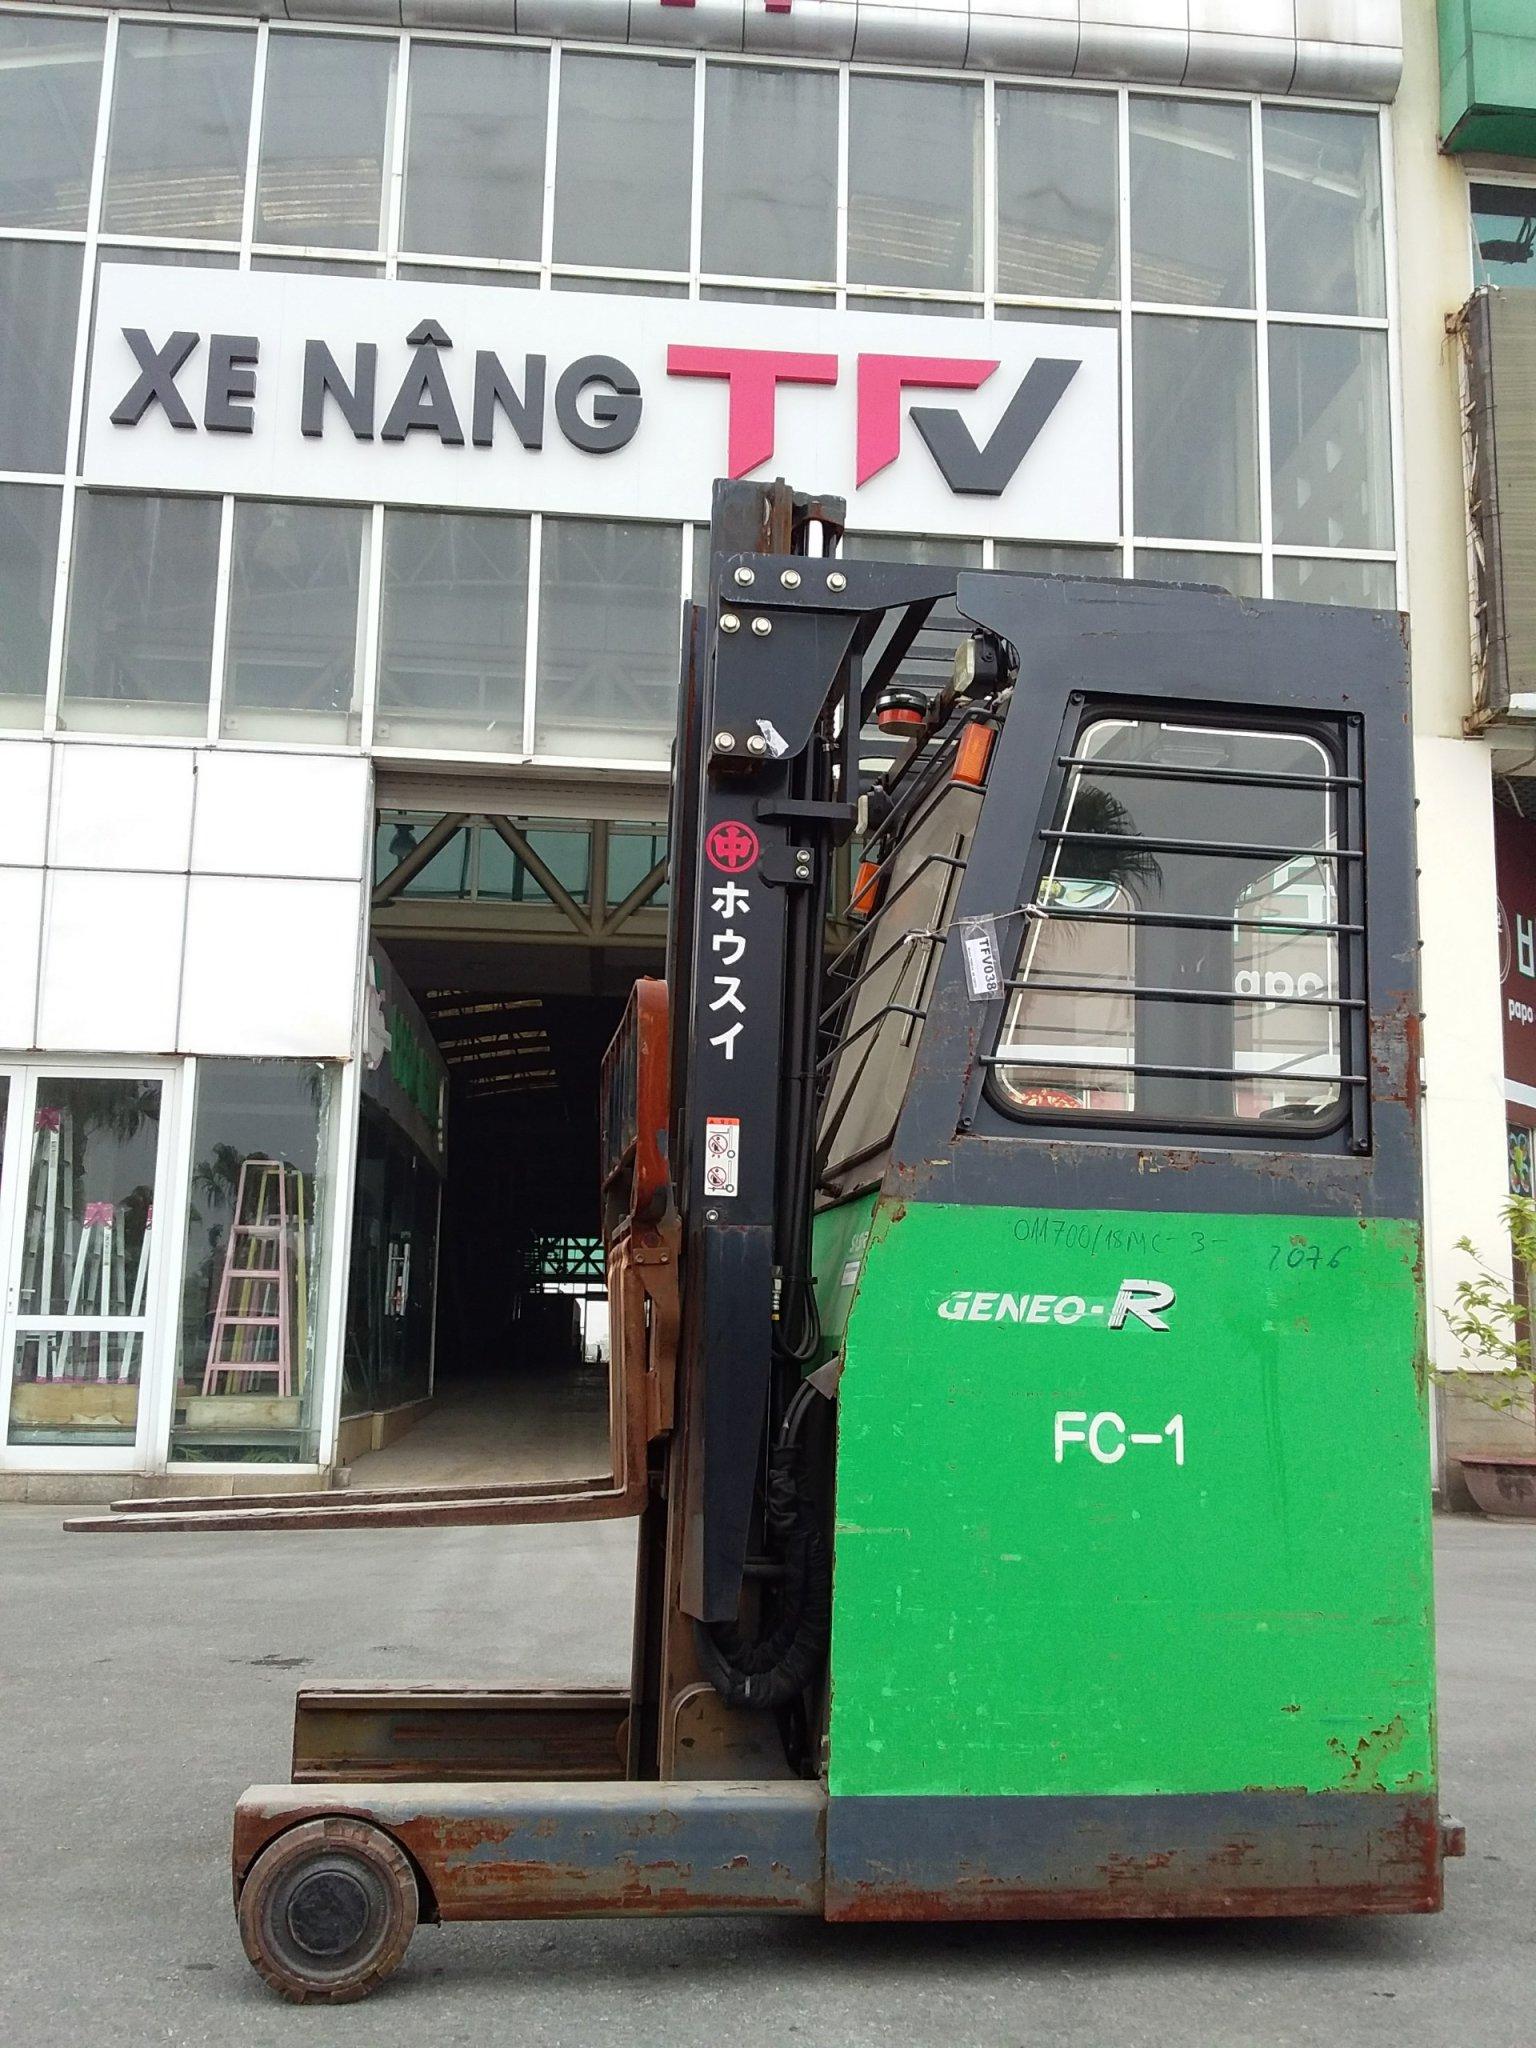 Xe nâng điện Toyota 7FBR15-52076, tải trọng 1.5 tấn, nâng cao 3.7m, sx 2013, đã qua sử dụng